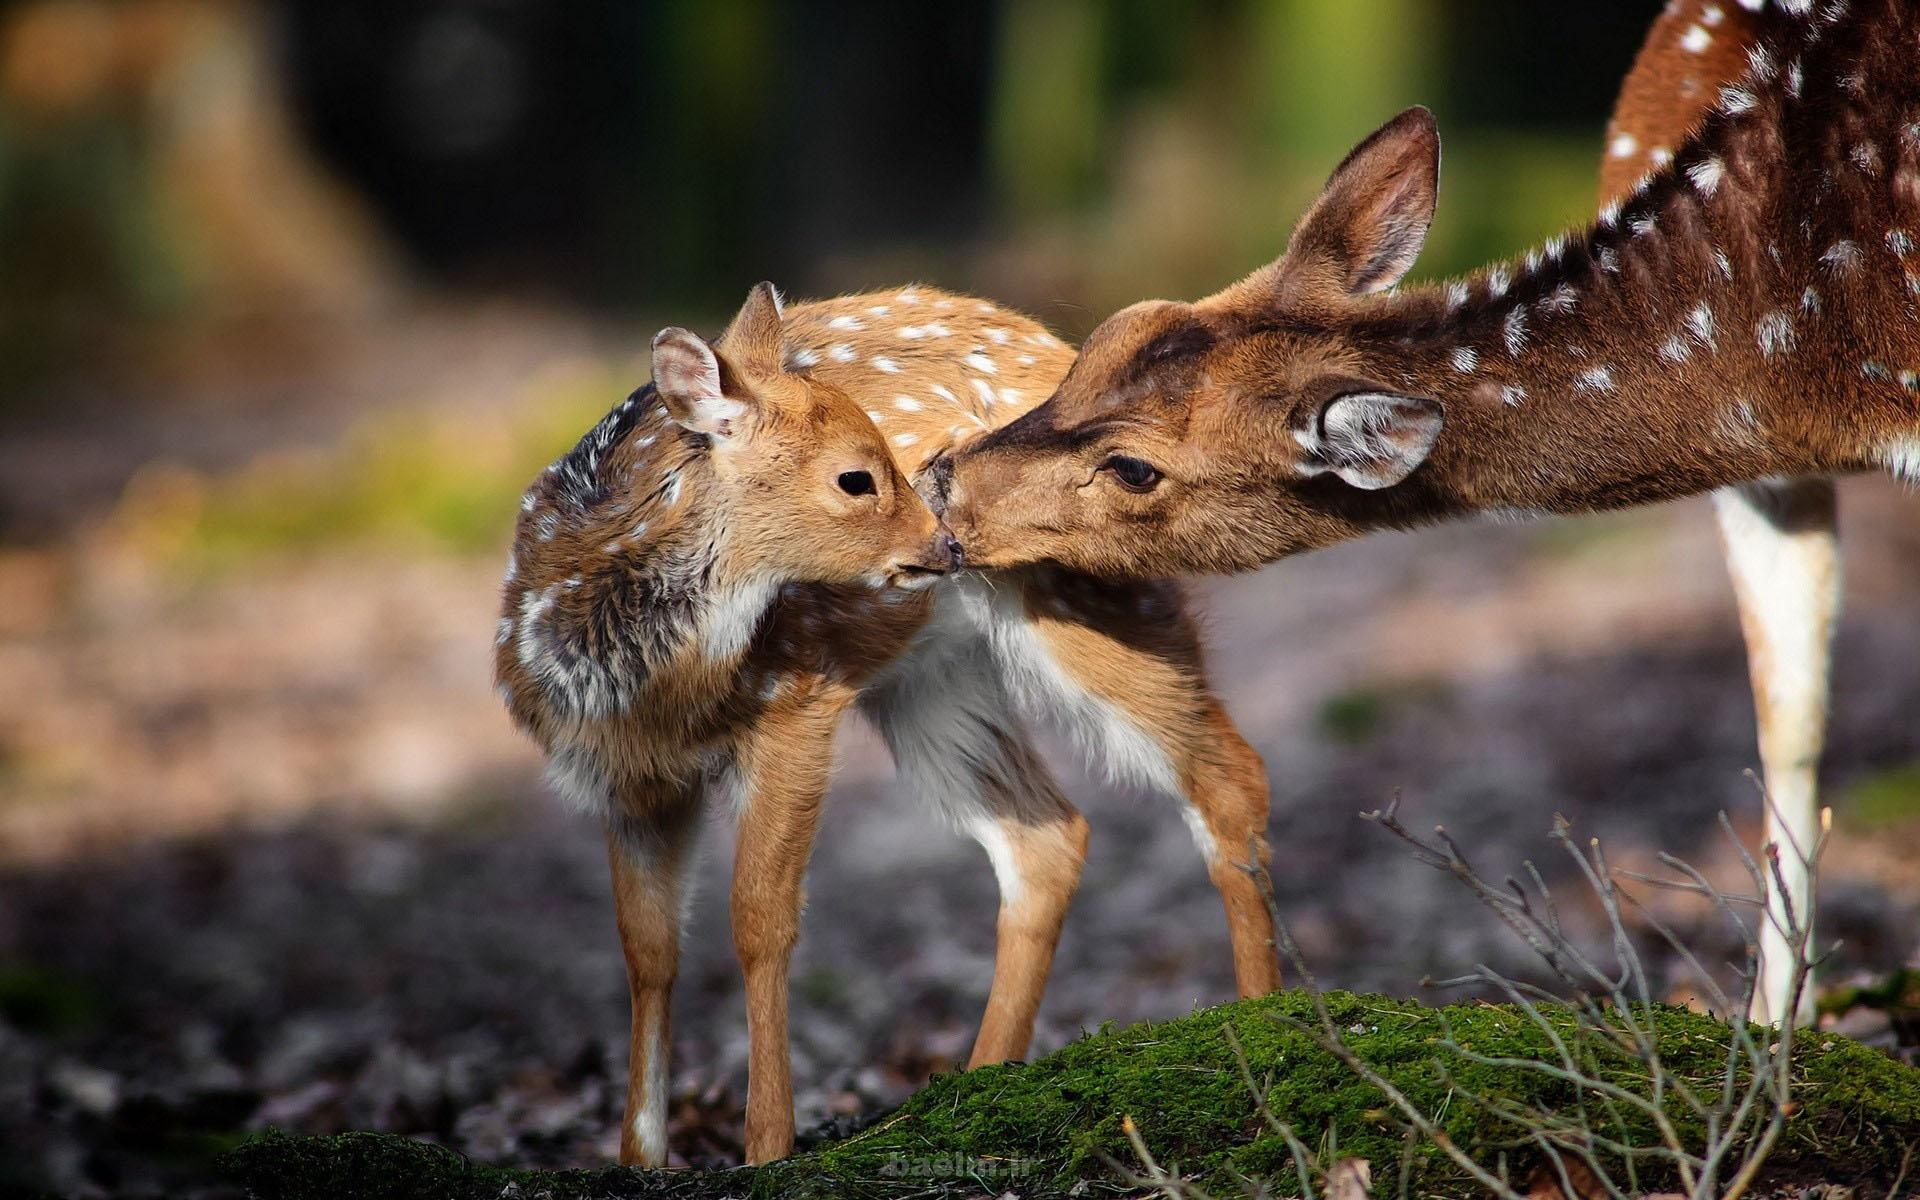 در فصل سرما از حیات وحش حمایت کنید